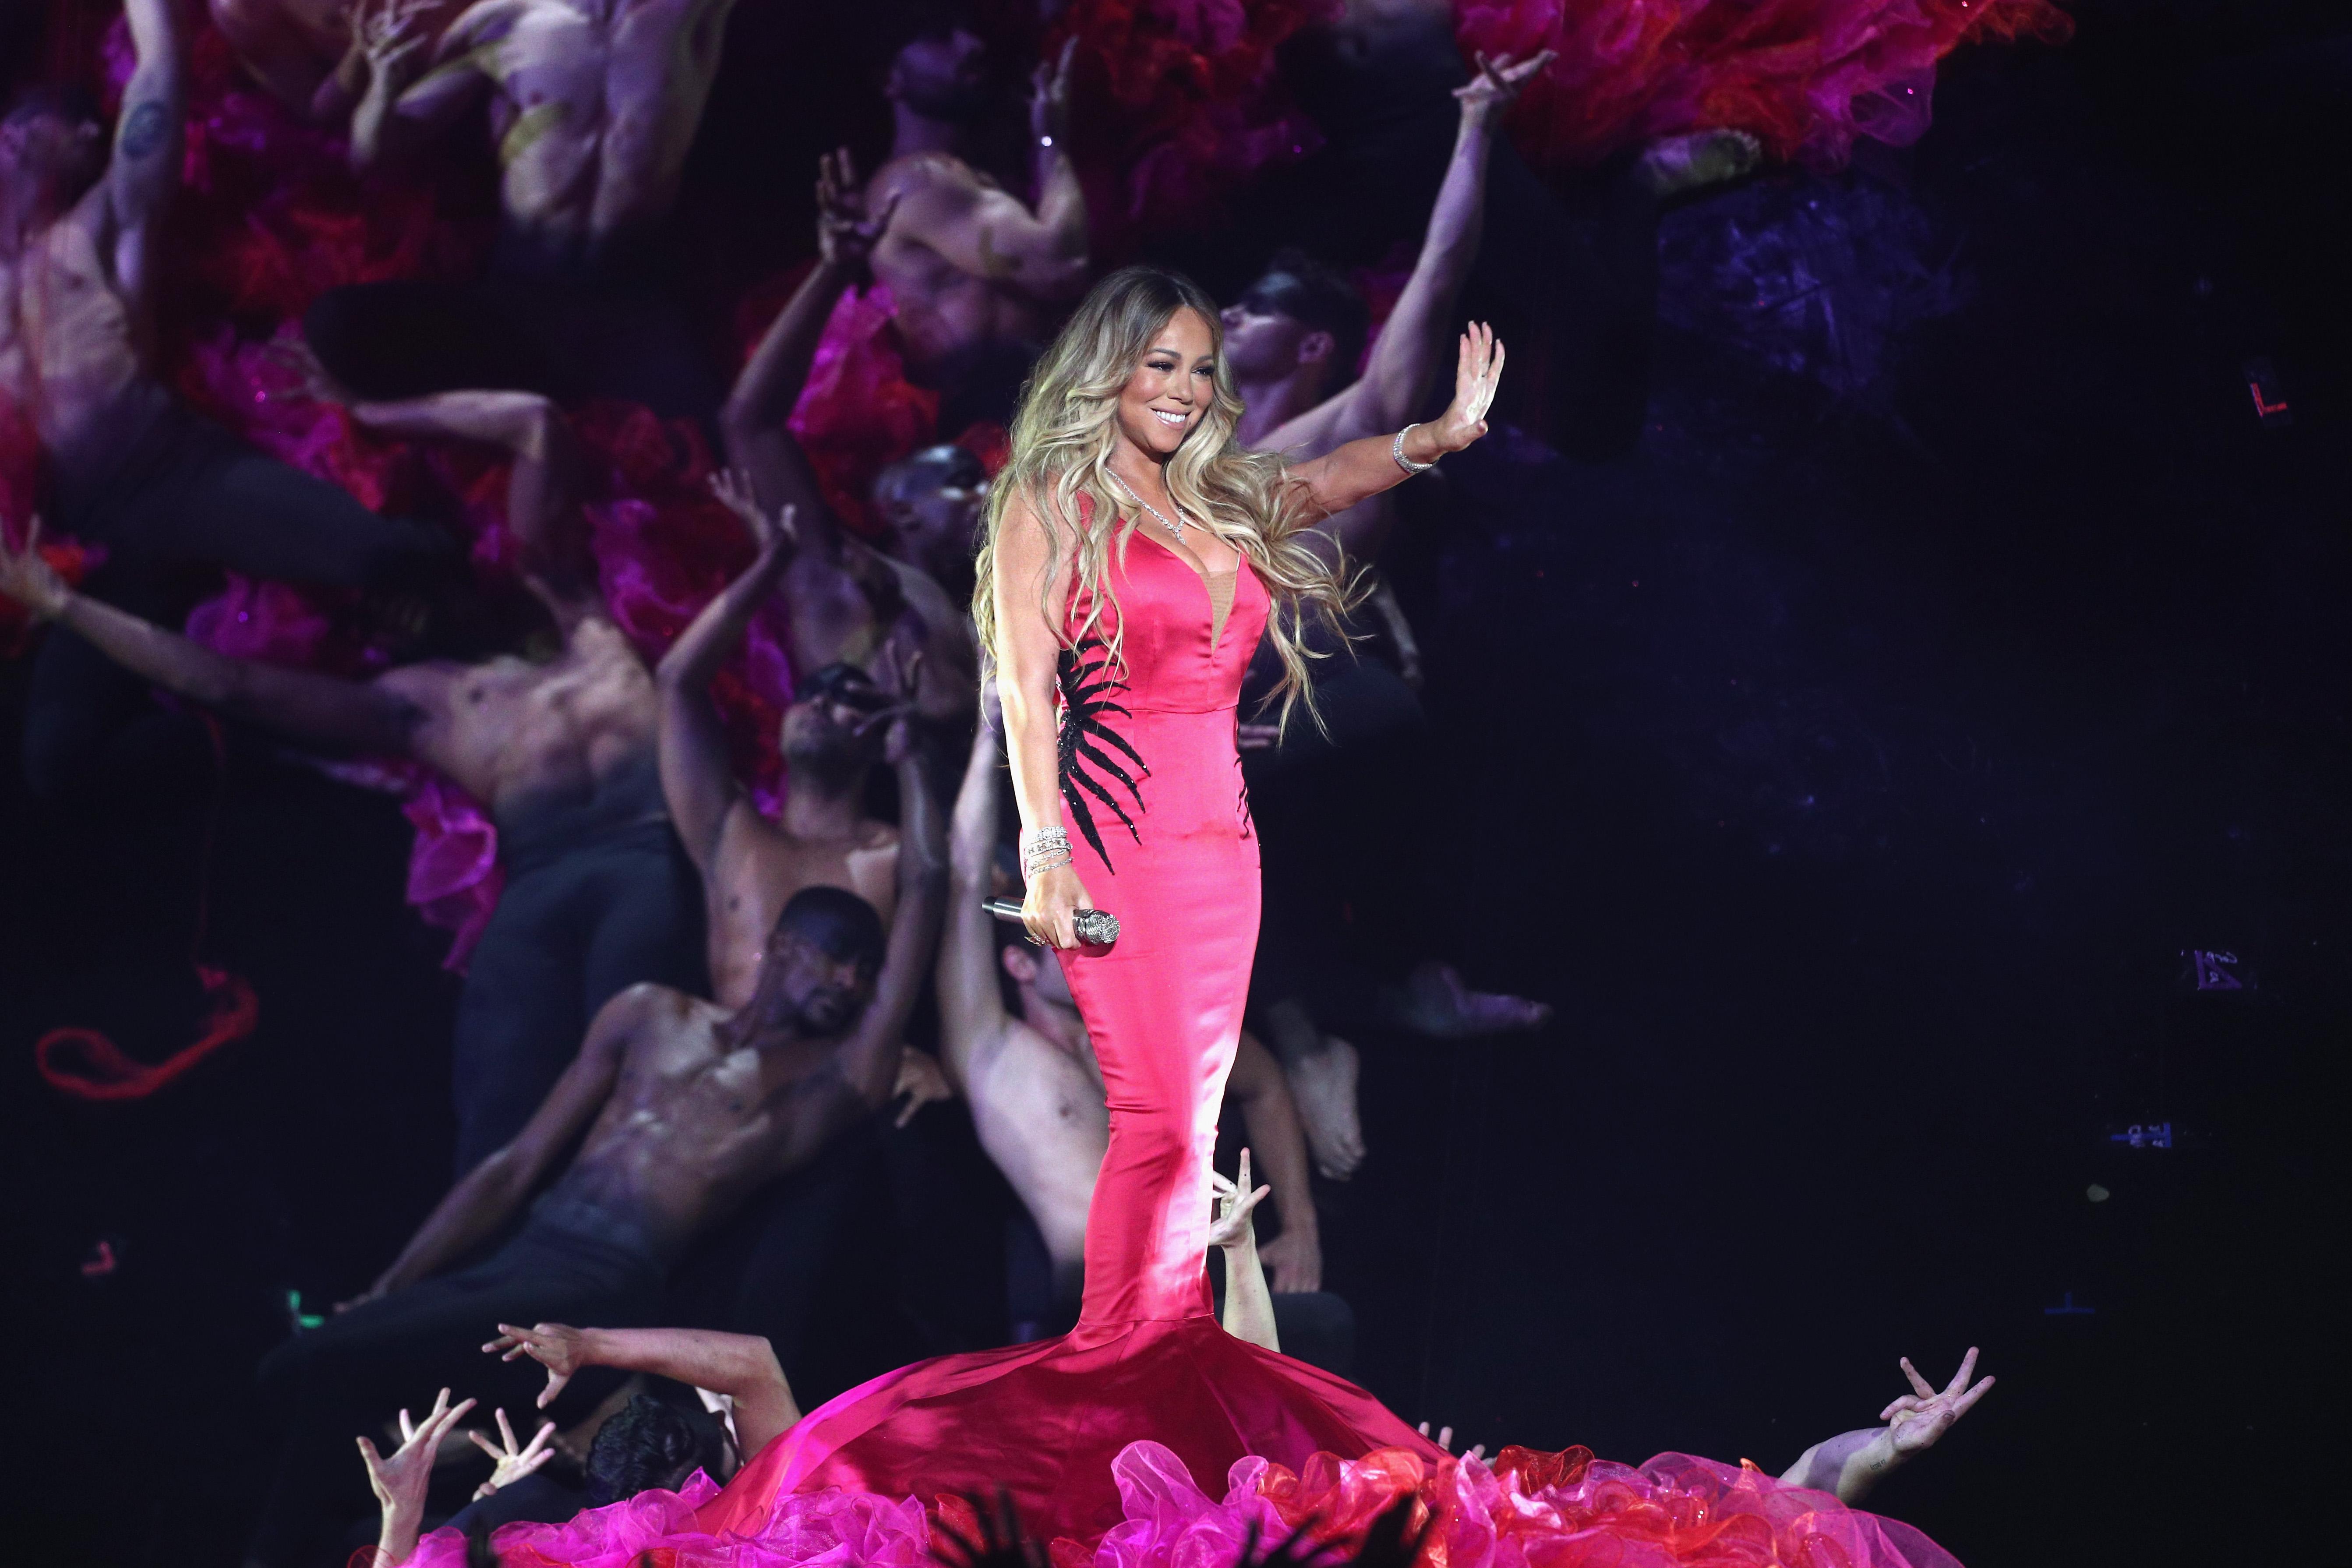 """Суперзвездата ще е също сред изпълнителите на наградната церемония на 1 май в Лас Вегас.<br /> Марая Кери притежава рекорда за най-много хитове номер едно в класацията на """"Билборд"""" за сингли Хот 100 - 18. Сред тях са """"Vision of Love"""", &#39;&#39;Hero"""", &#39;&#39;Honey"""", """"We Belong Together"""". Дуетът й """"One Sweet Day"""" с """"Бойз ту мен"""" е най-дълго задържалата се песен на първо място в класацията - 16 седмици."""